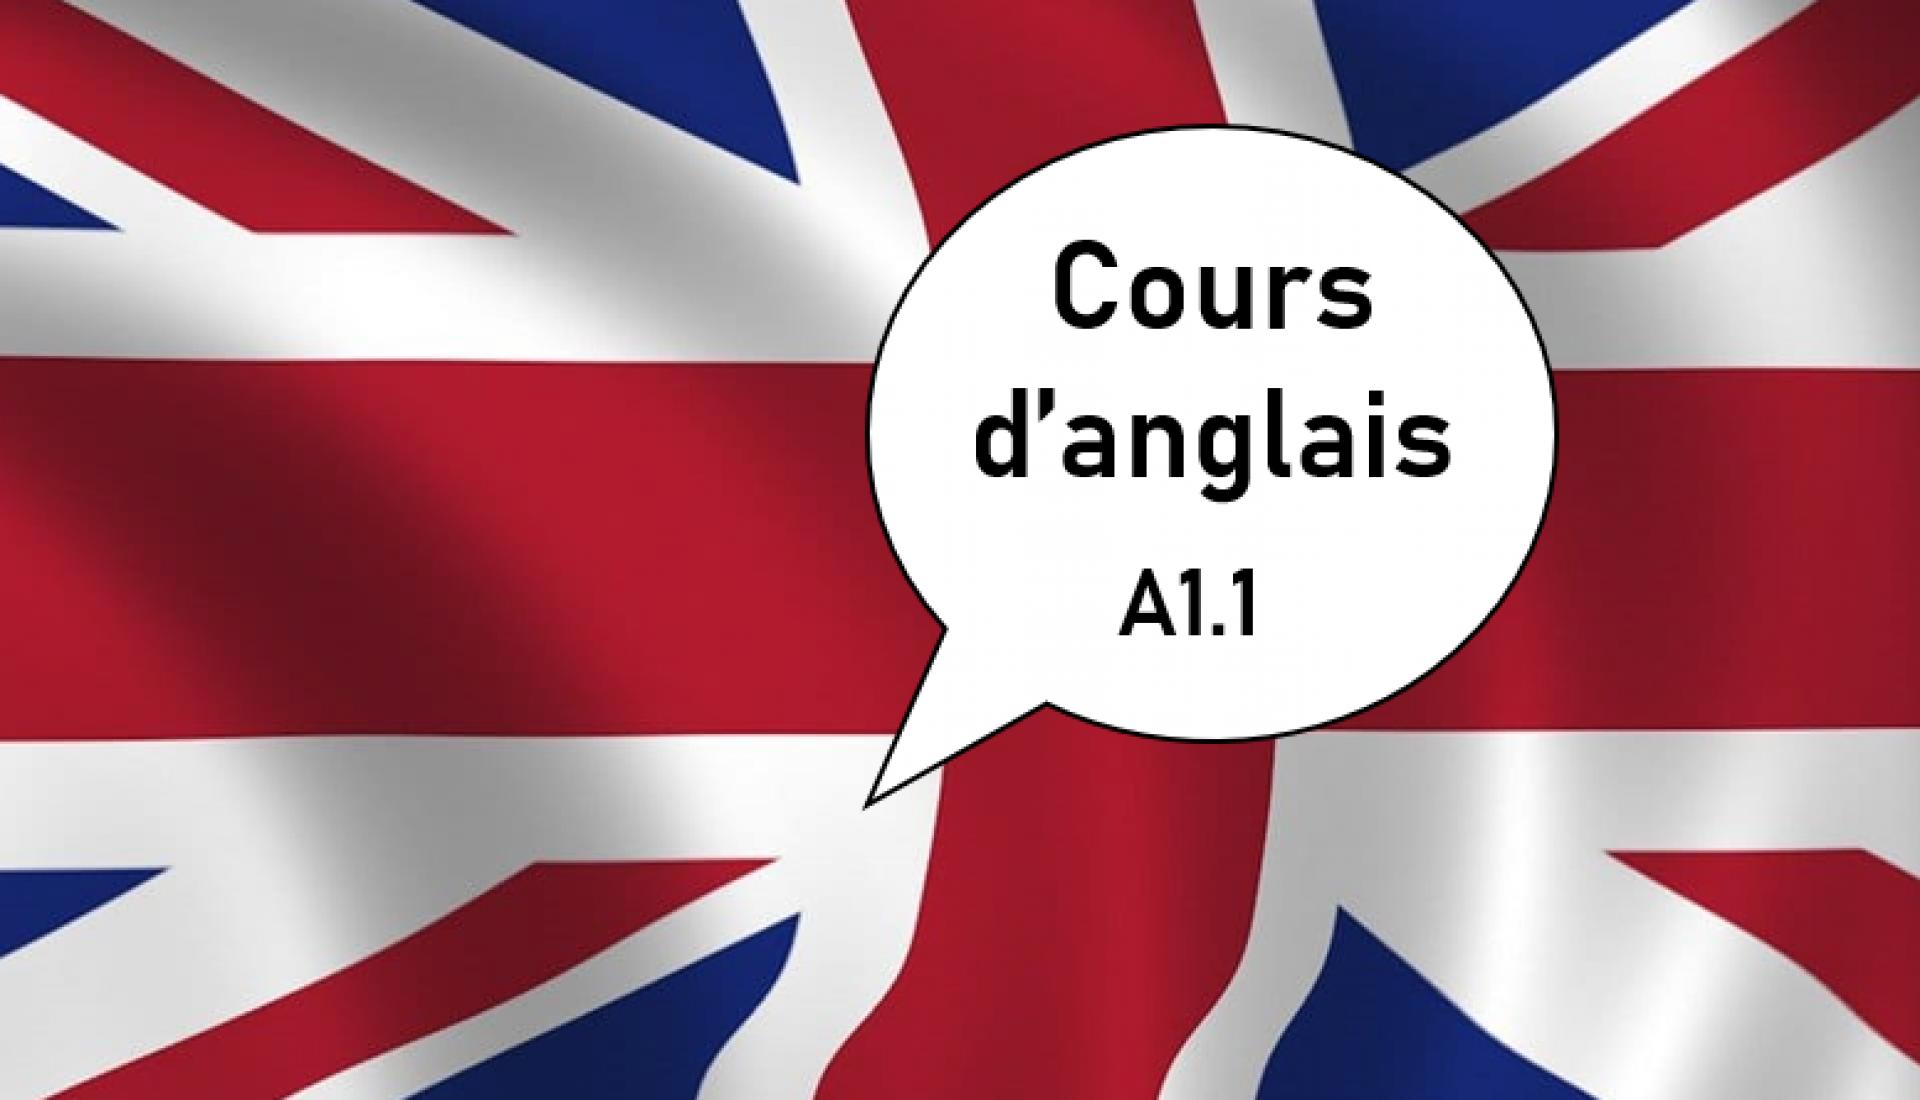 Anglais A1.1